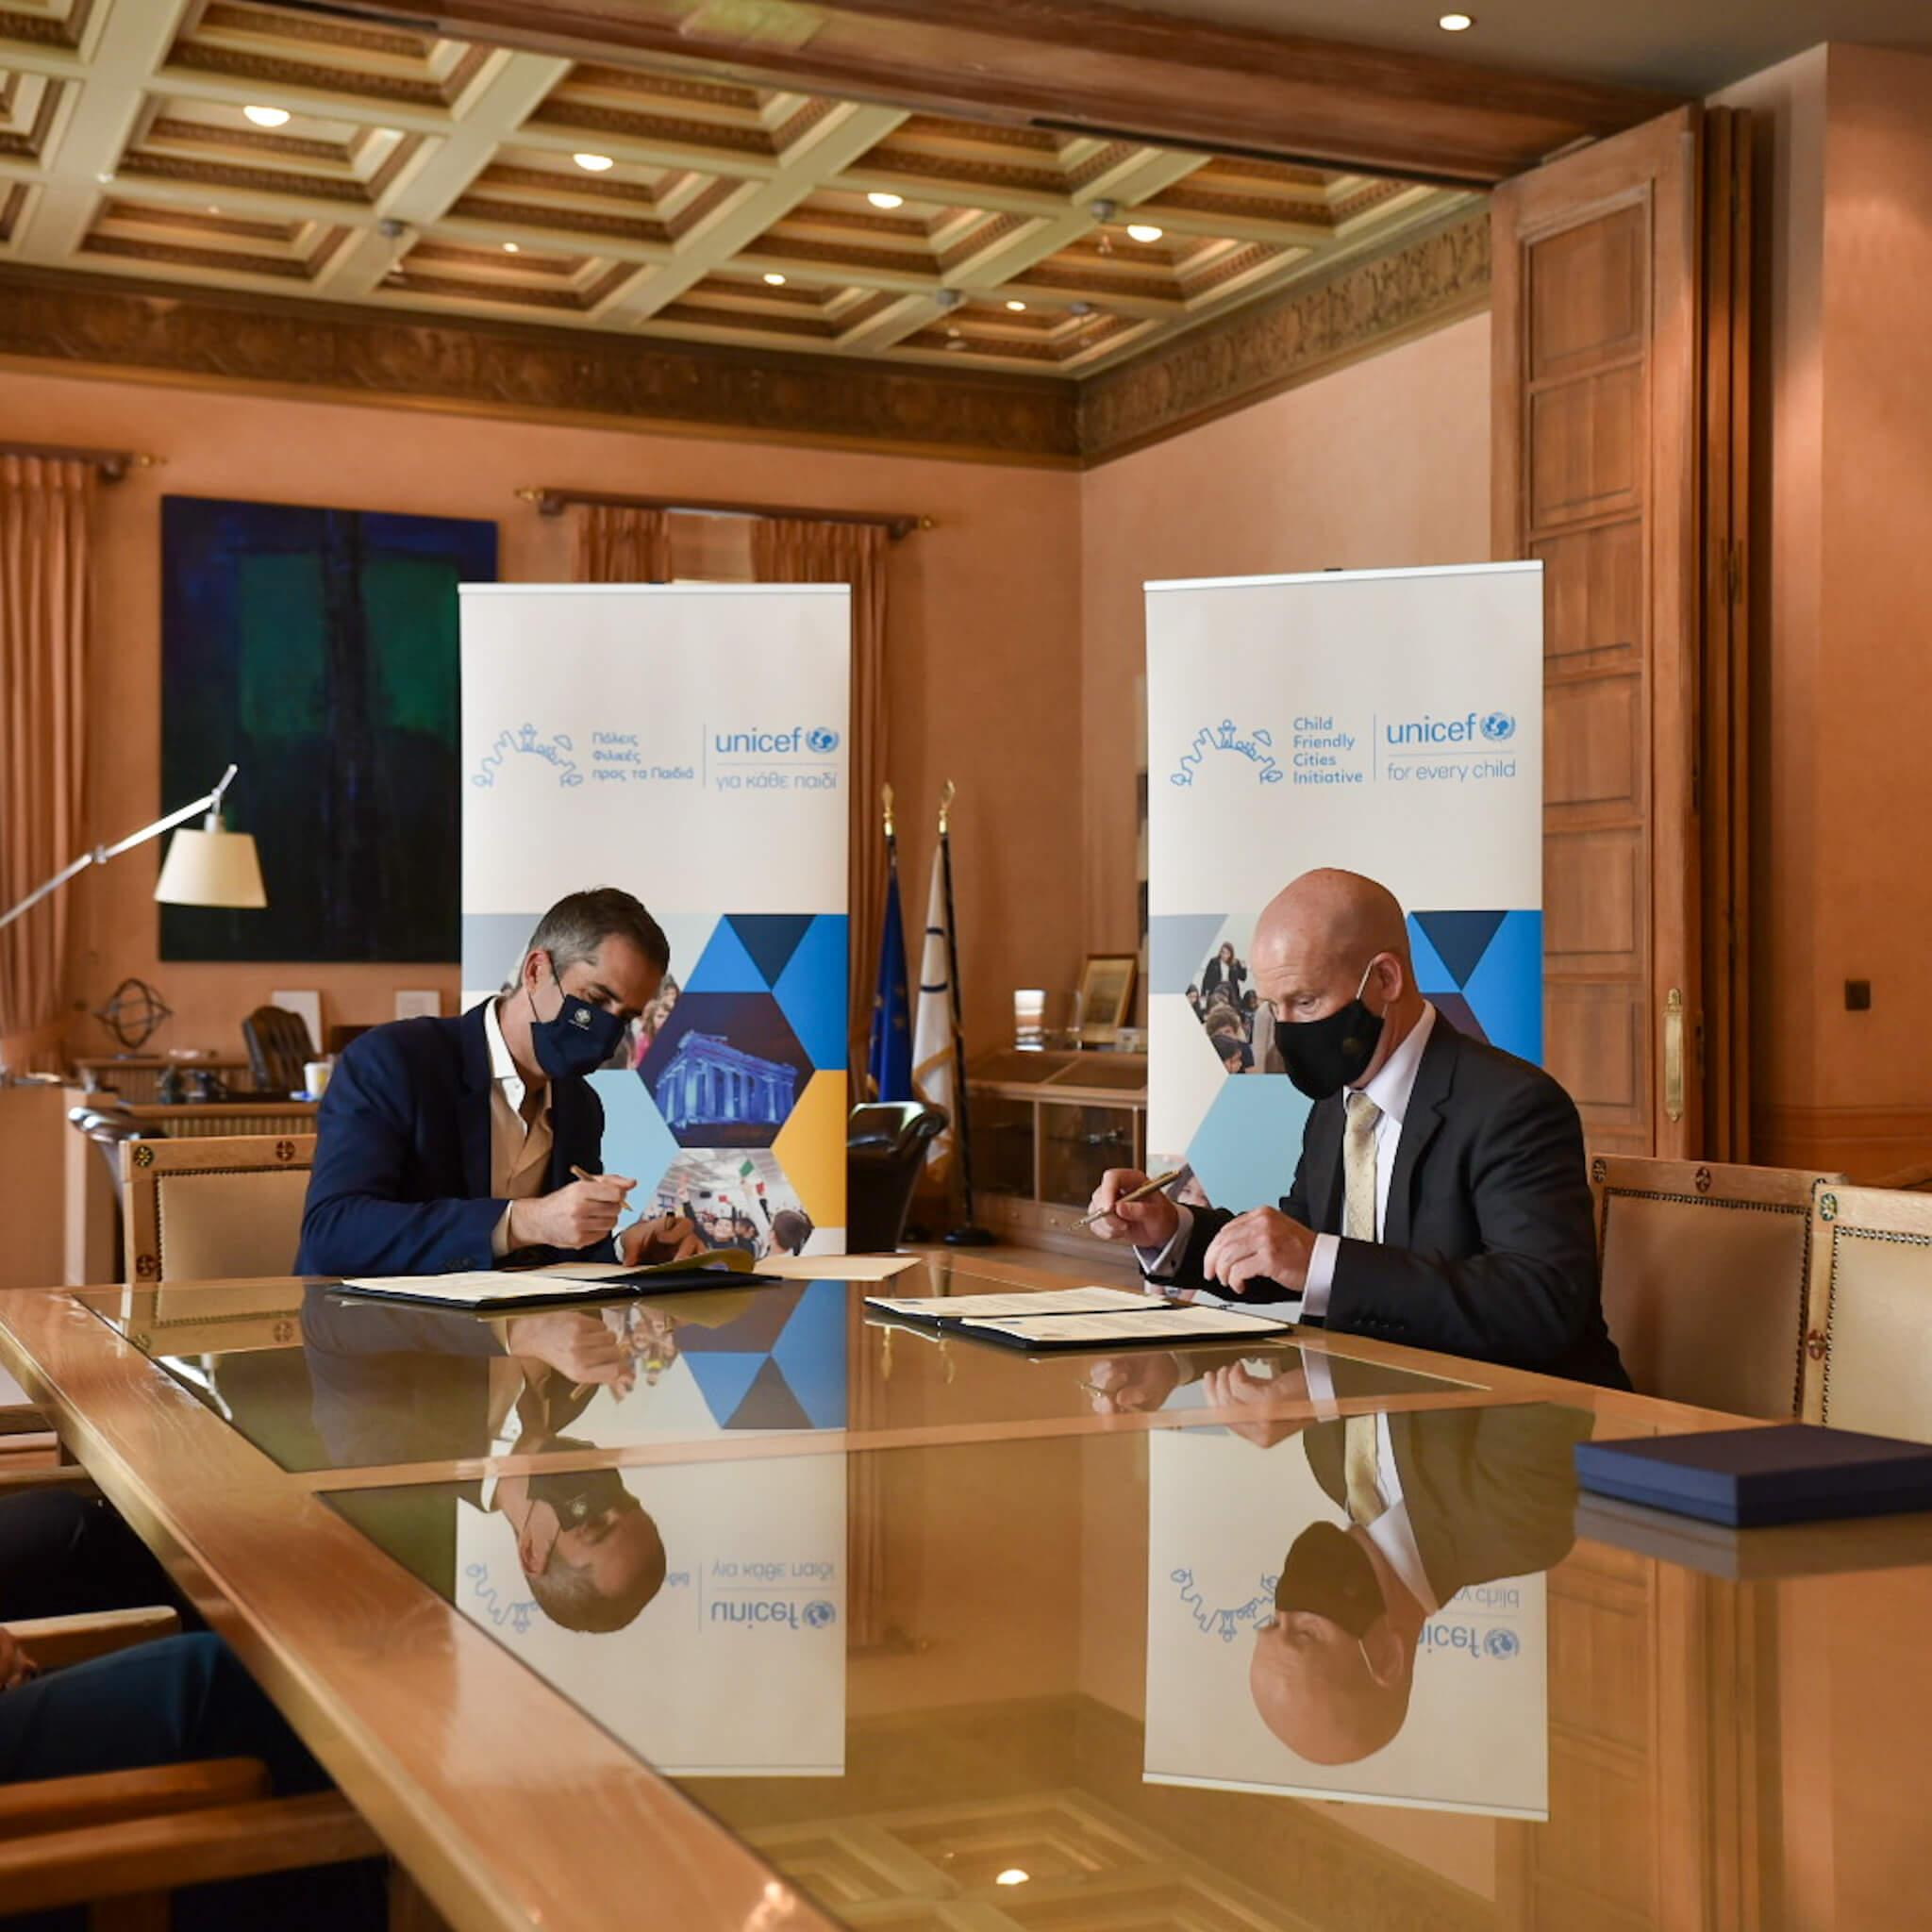 Ο Κώστας Μπακογιάννης και ο Luciano Calestini Υπογράφουν το μνημόνιο συνεργασίας